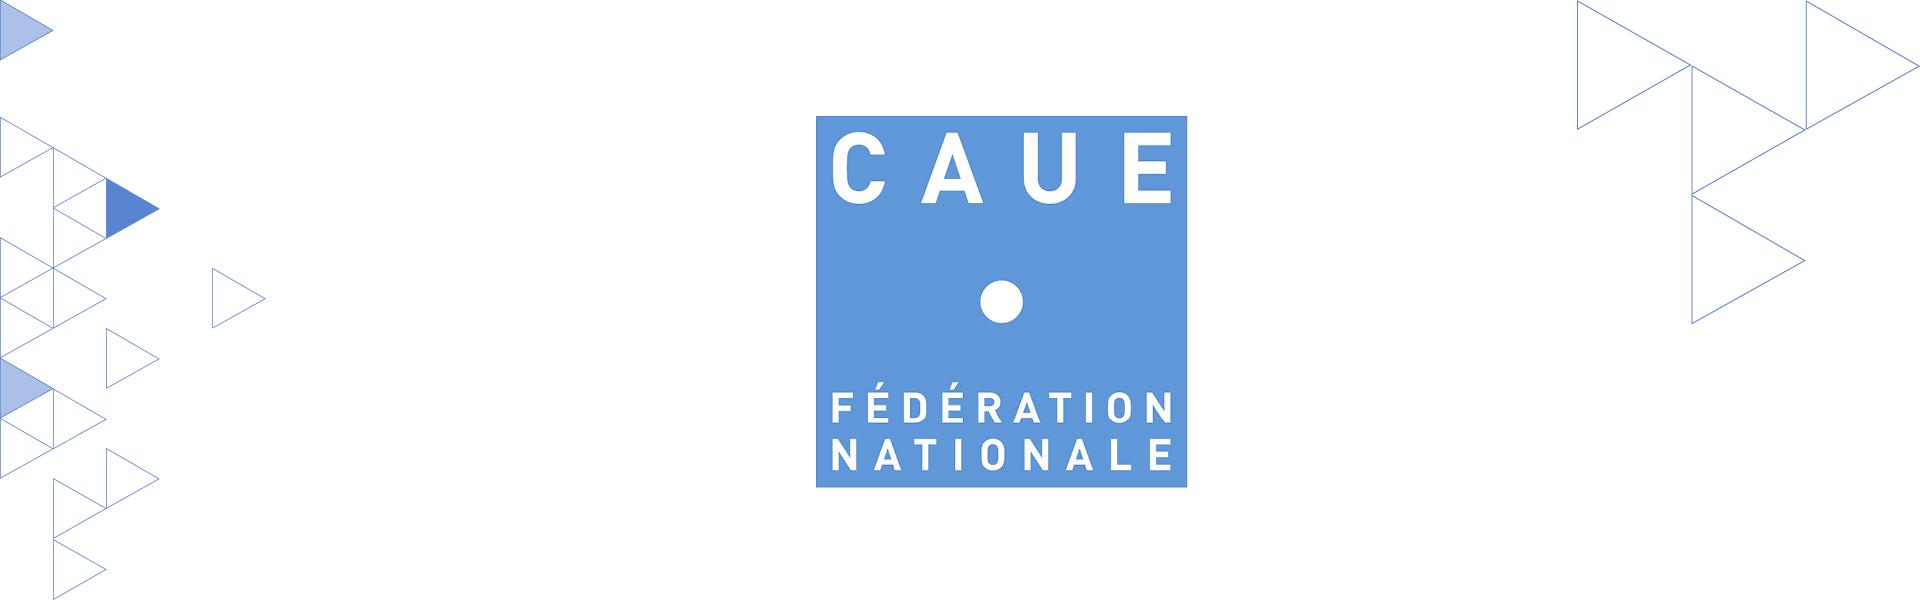 """""""Des lois récentes ont enrichi le rôle des CAUE"""", Joël BAUD-GRASSET, Président de la Fédération Nationale des CAUE"""